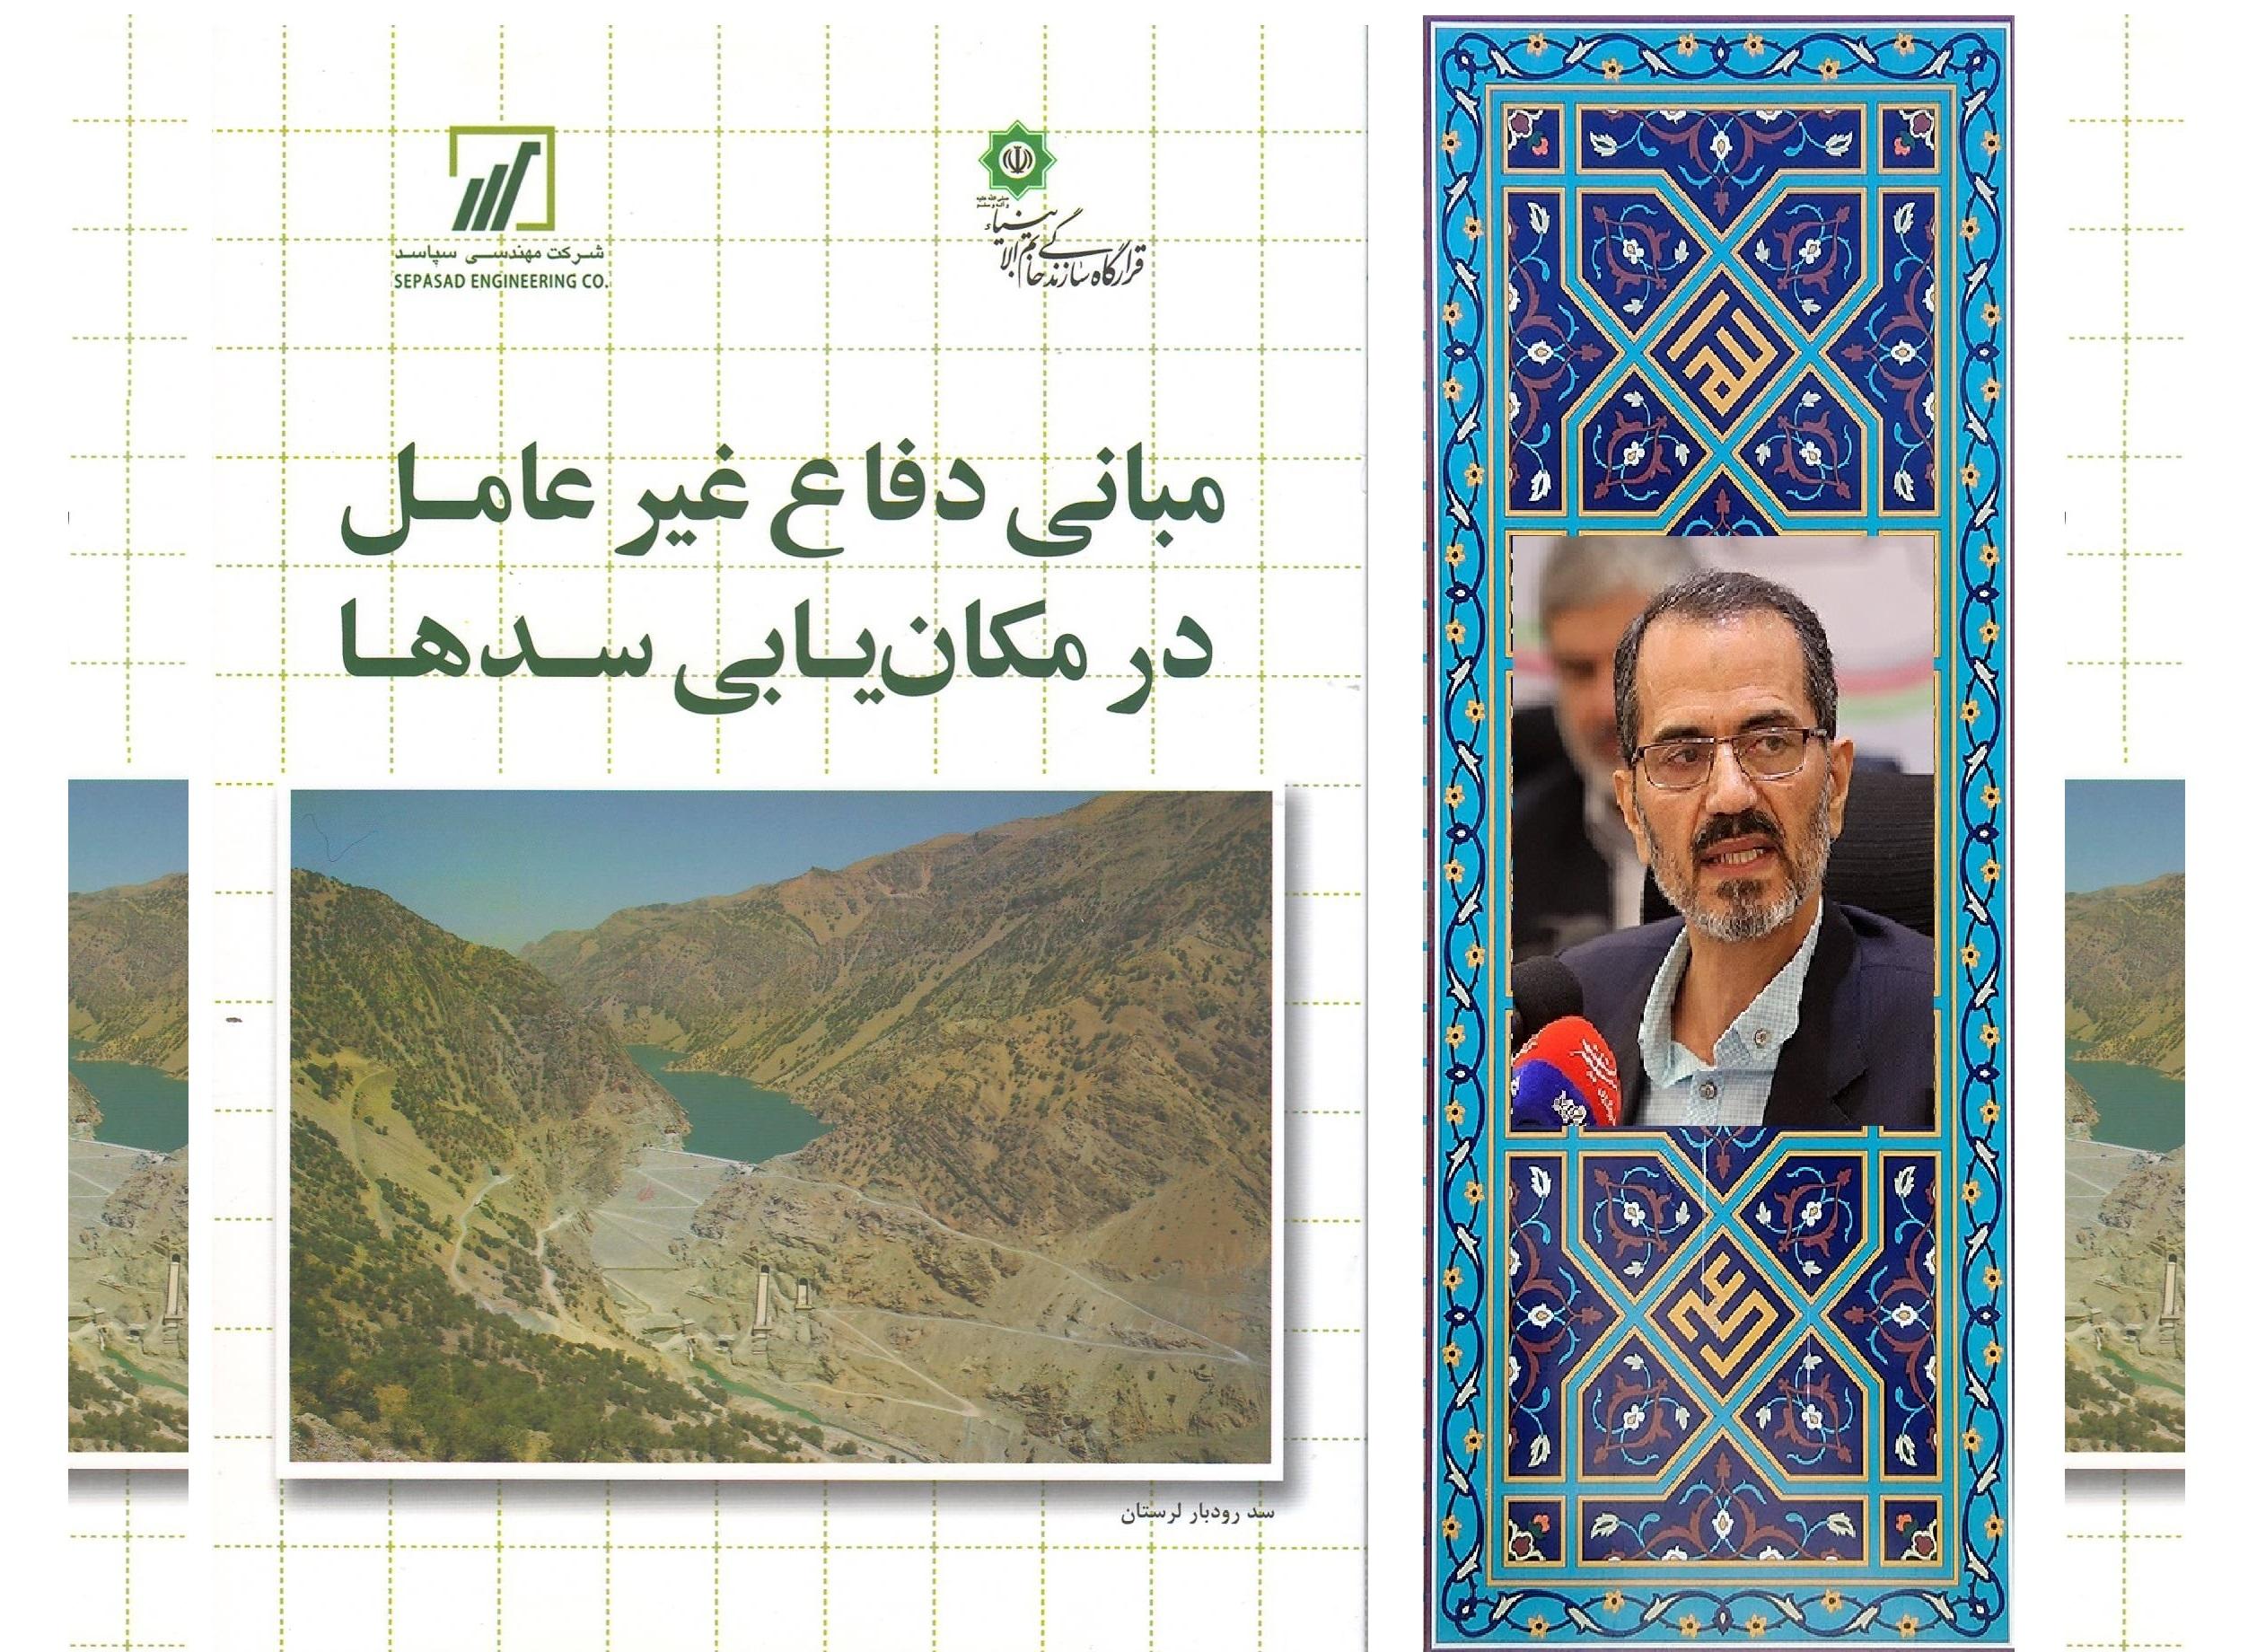 کتاب مبانی دفاع غیر عامل  در مکان یابی سدها دکتر سید جواد هاشمی فشارکی و سایرین